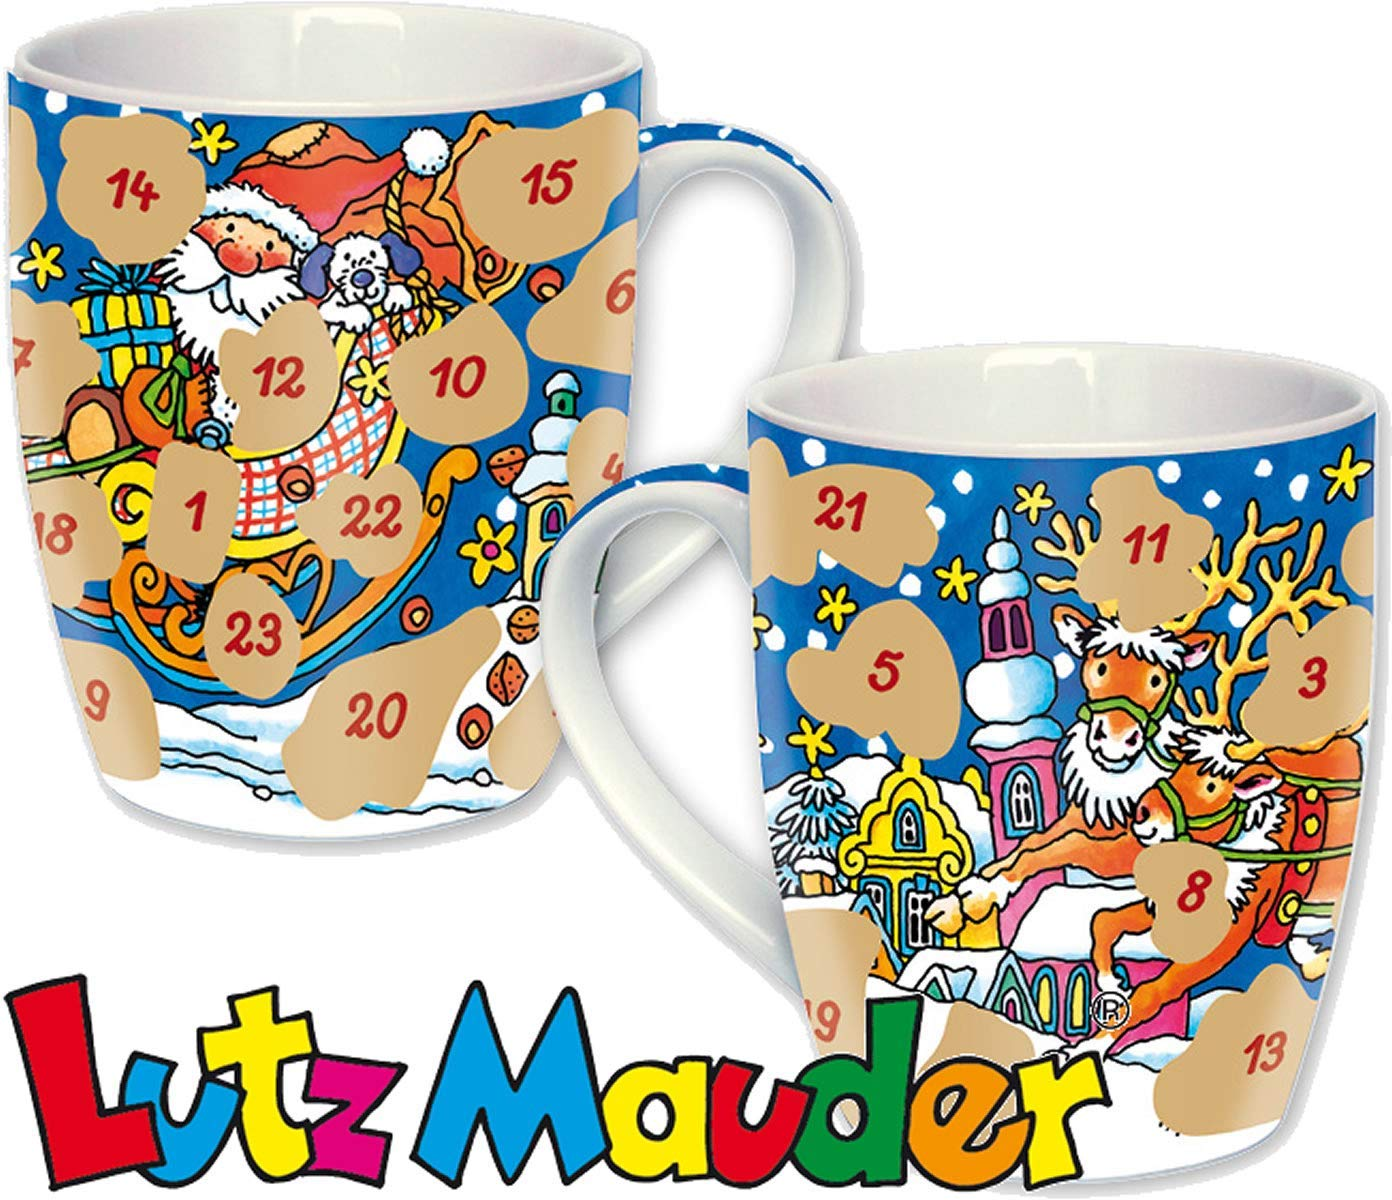 Adventskalender Tasse, Advent ...Advent ein lichtlein ... Rubbel Tasse